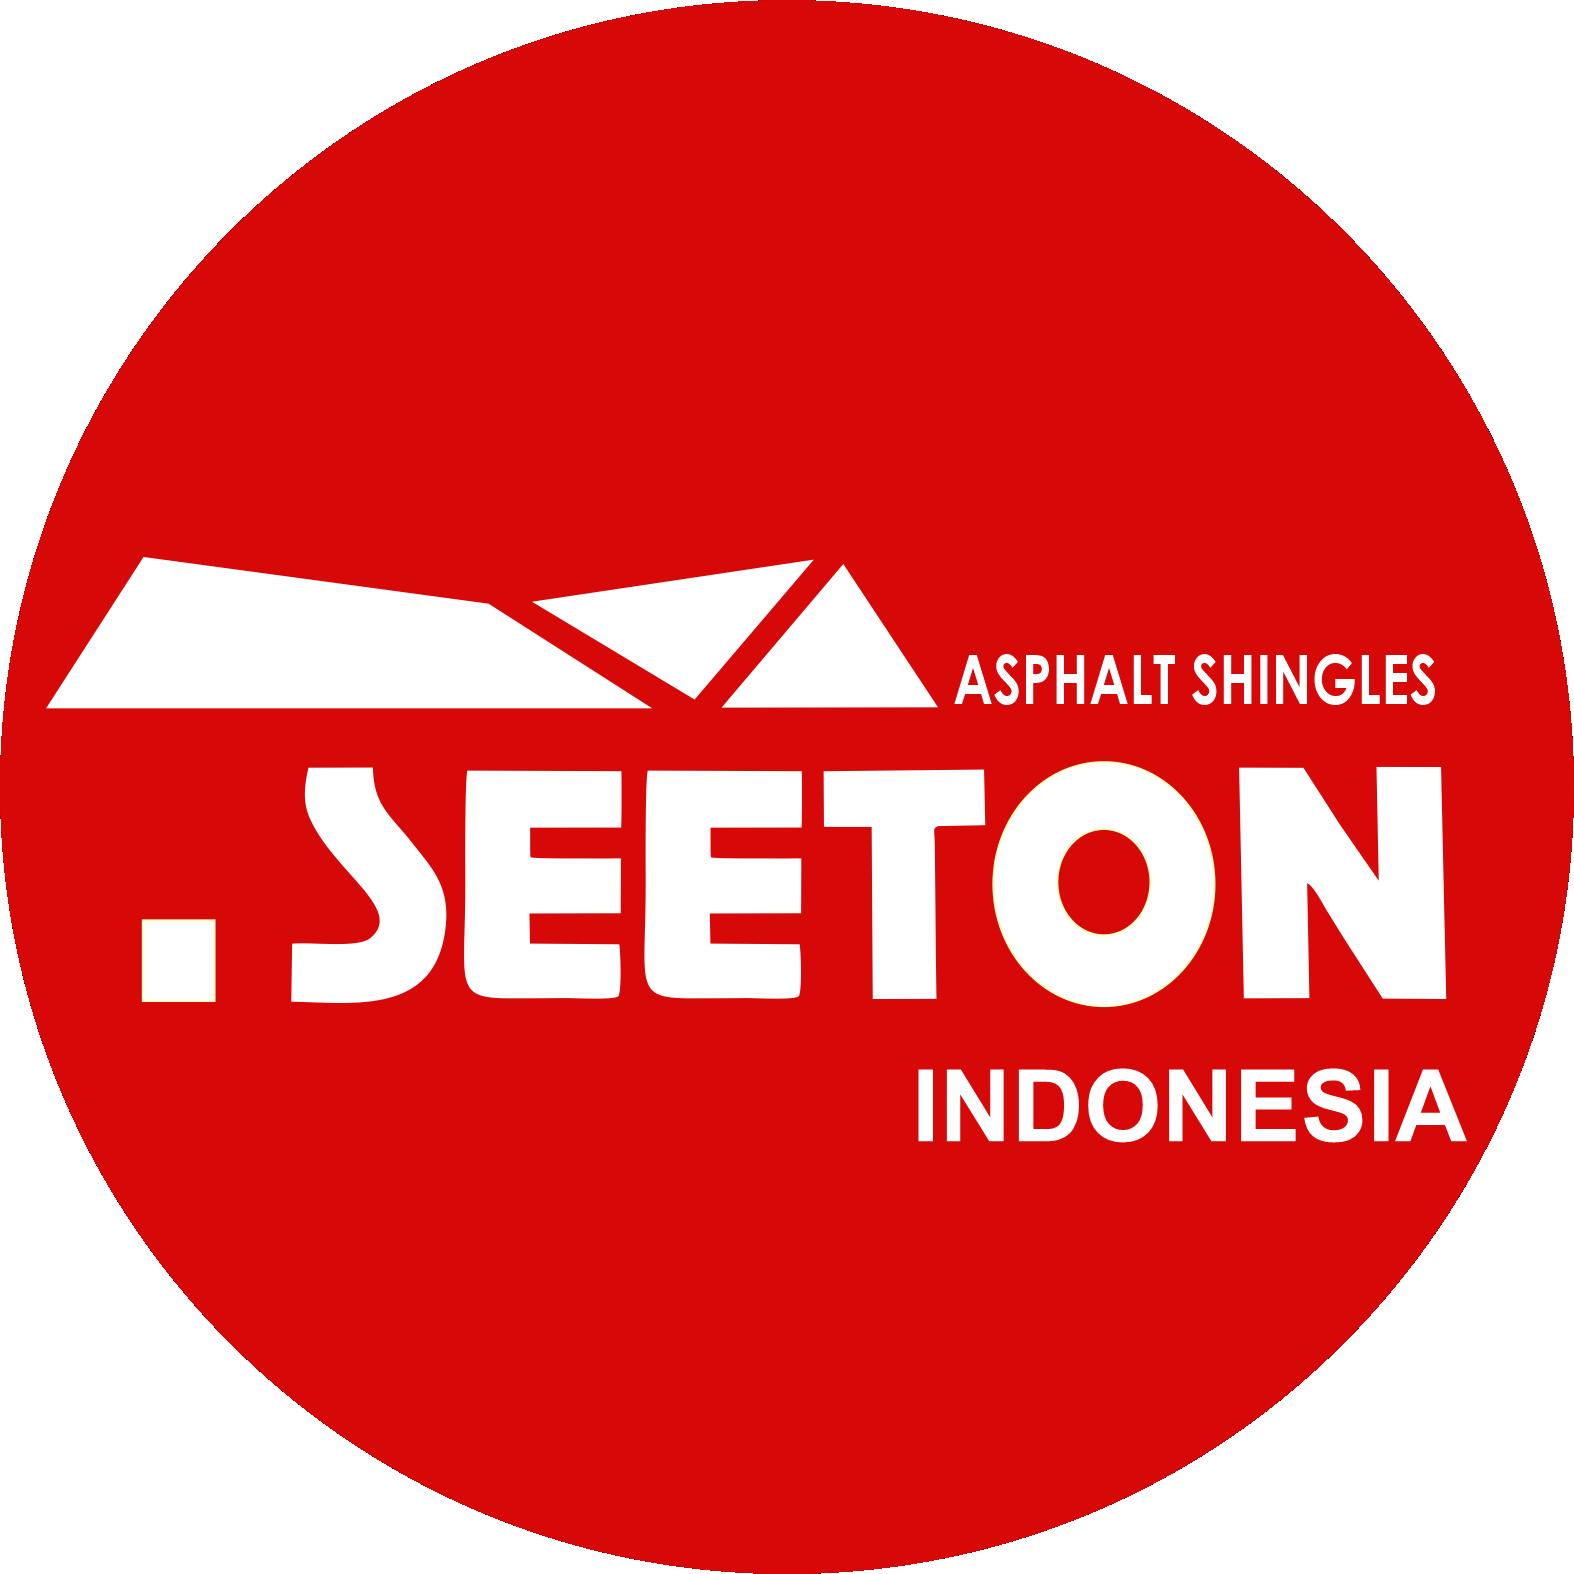 Seeton Indonesia